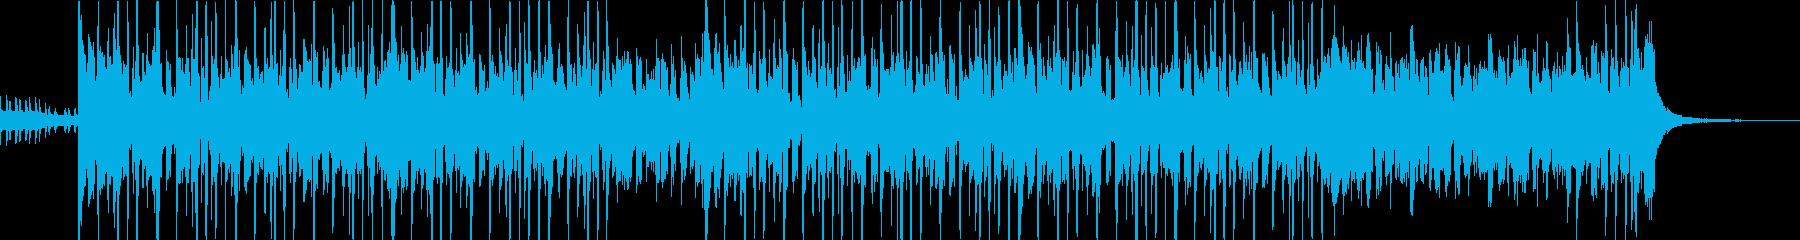 ファンキーで遊び心のある、エキサイ...の再生済みの波形